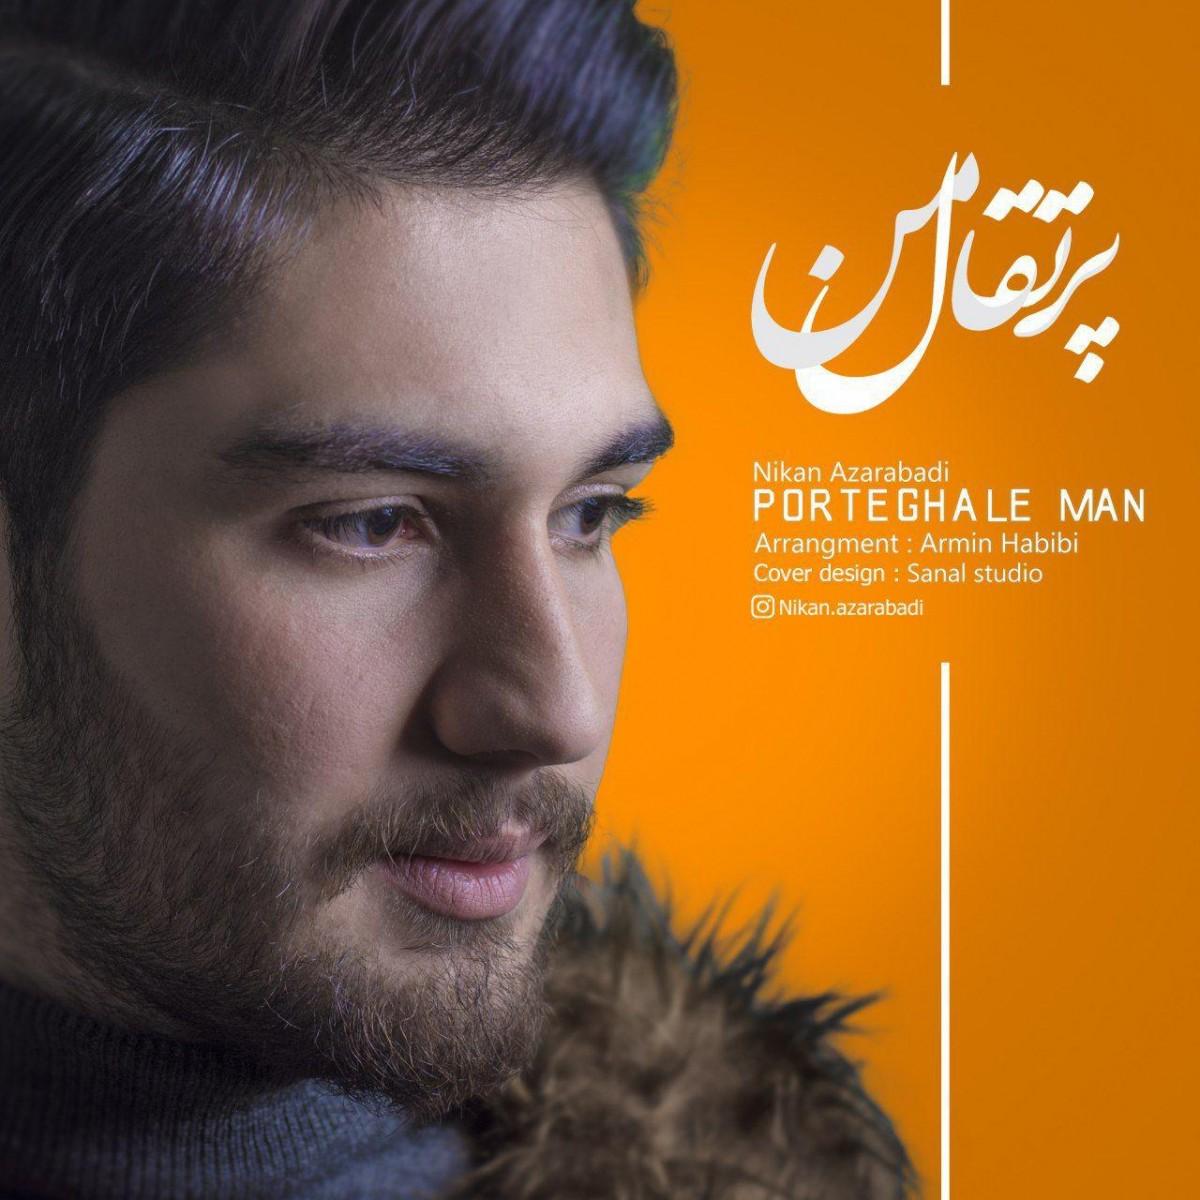 نامبر وان موزیک | دانلود آهنگ جدید Nikan-Azarabadi-Porteghale-Man